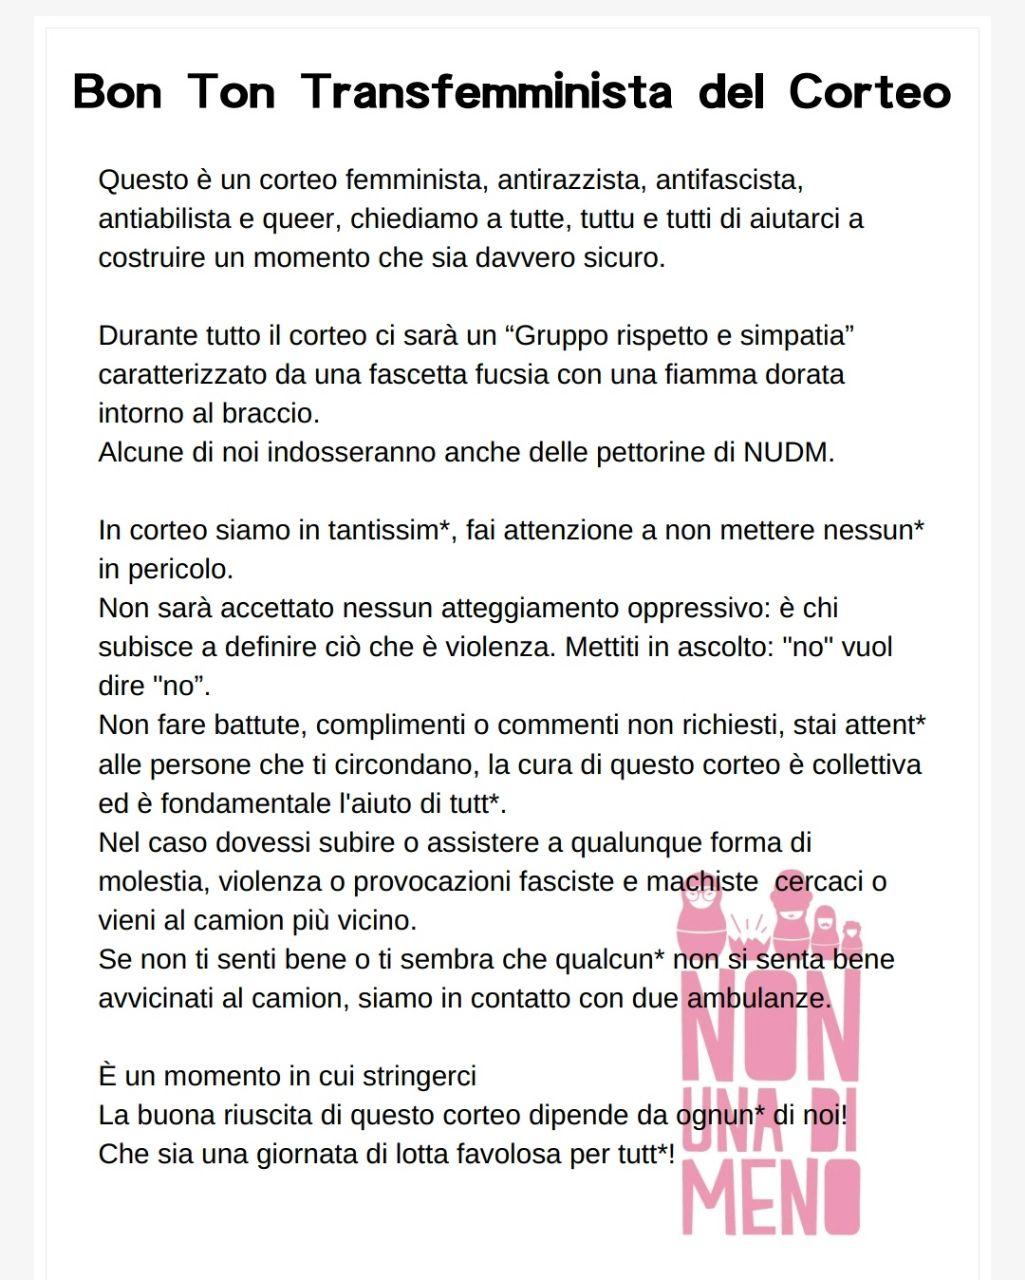 Immagini e parole da Verona